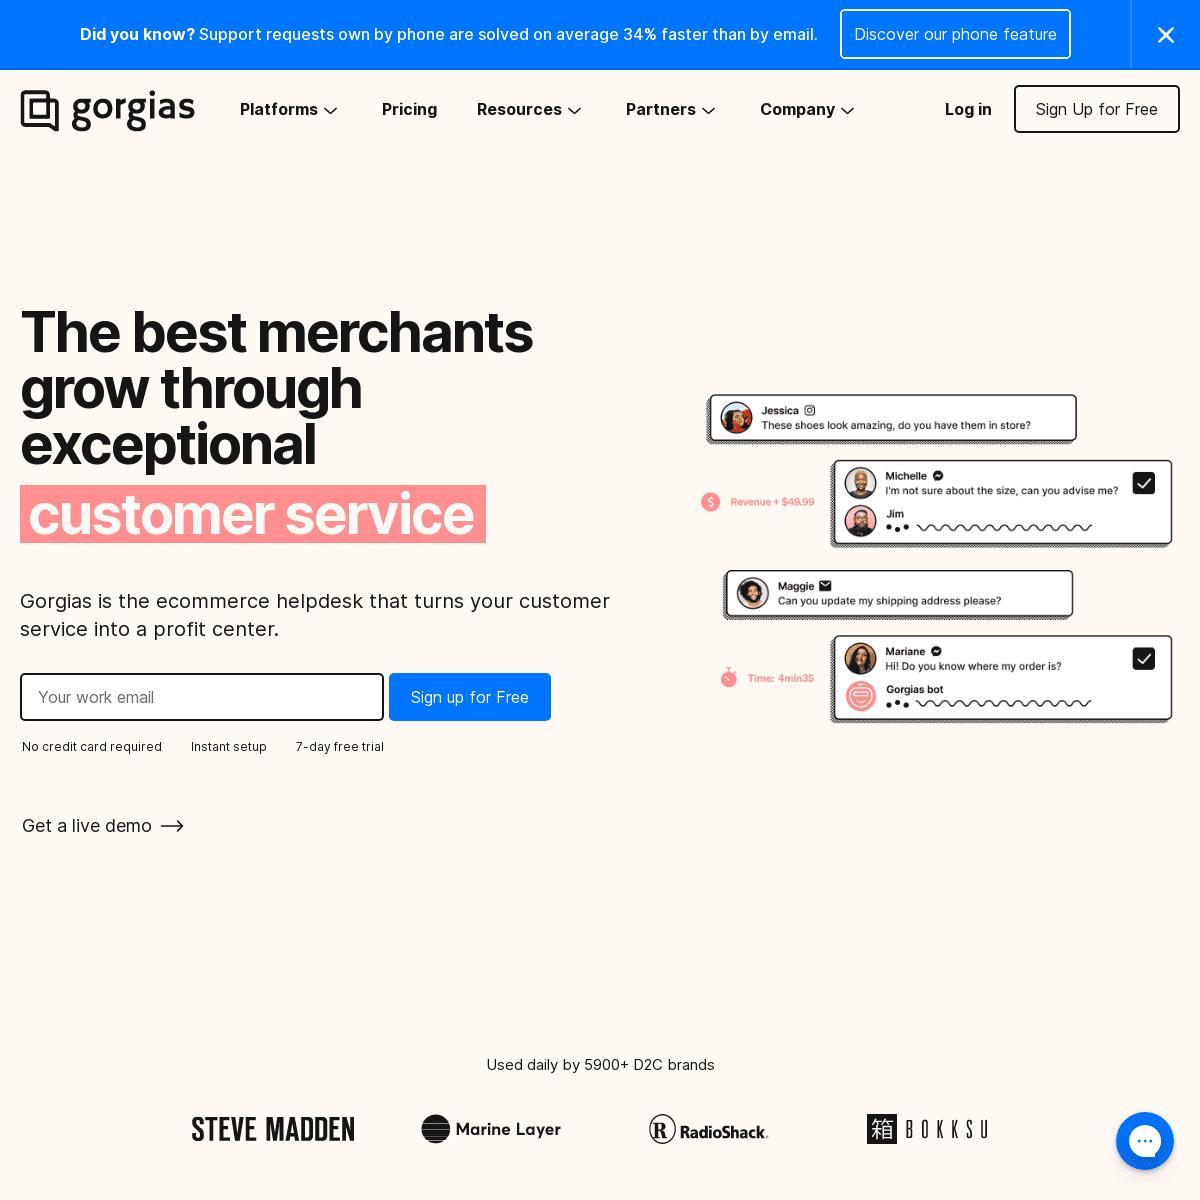 Customer Service Made Easy for Online Stores - Gorgias